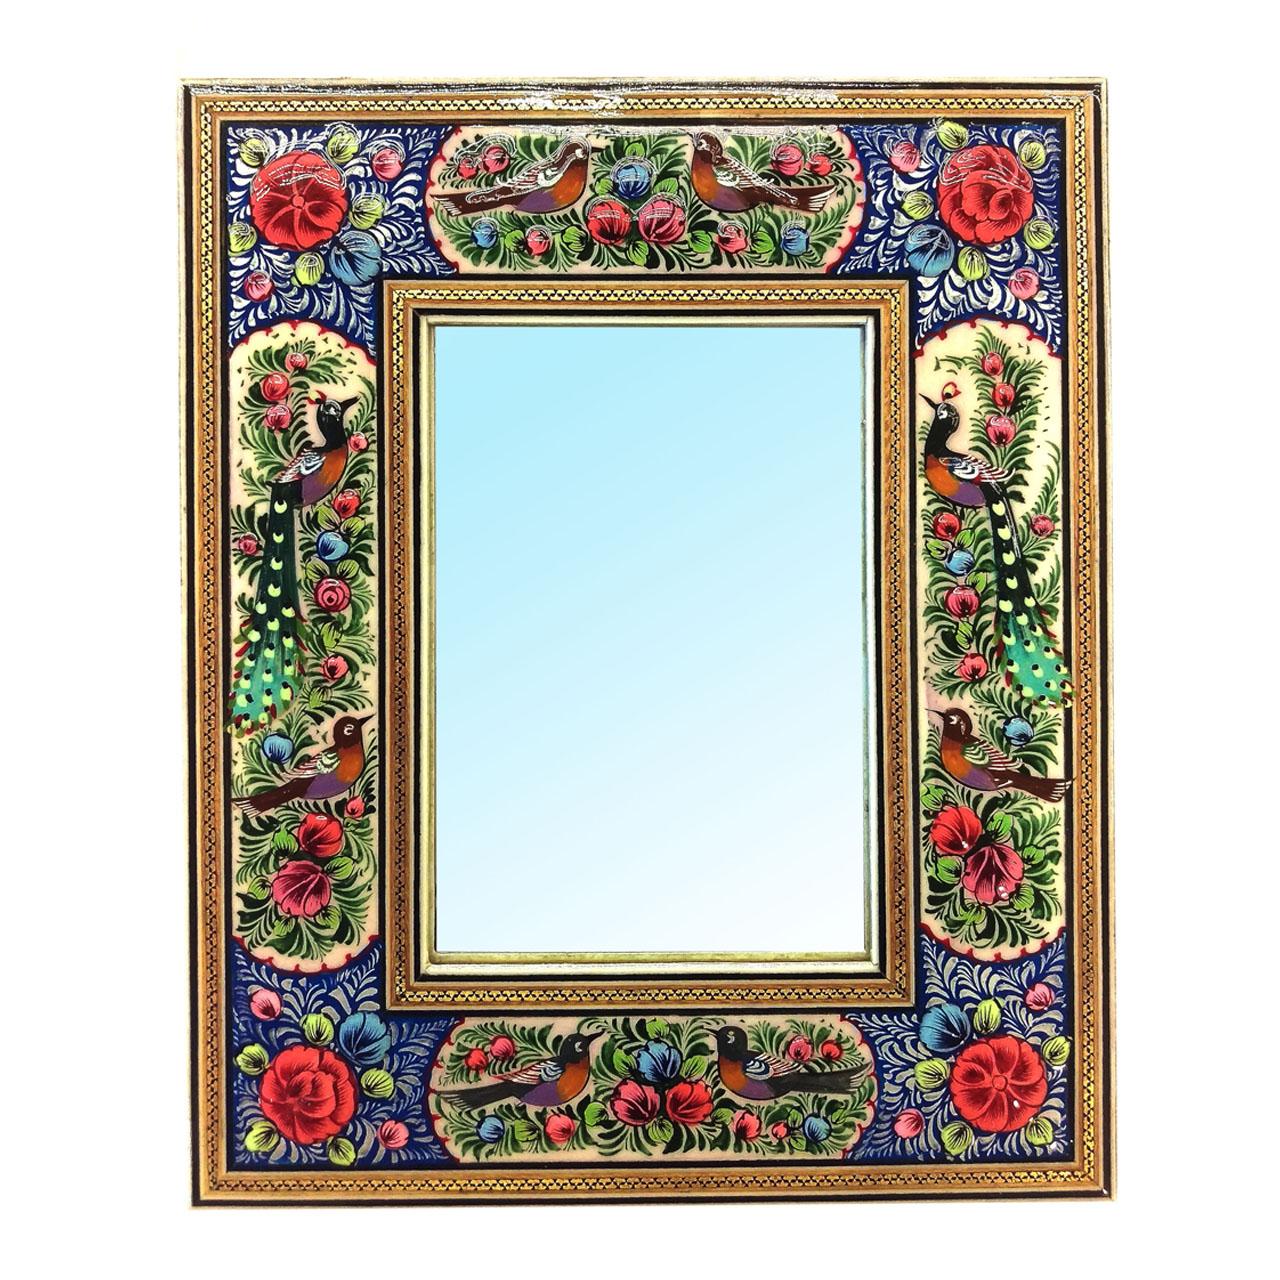 قاب آیینه خاتم لوح هنر طرح گل و پرنده برجسته کد 1073